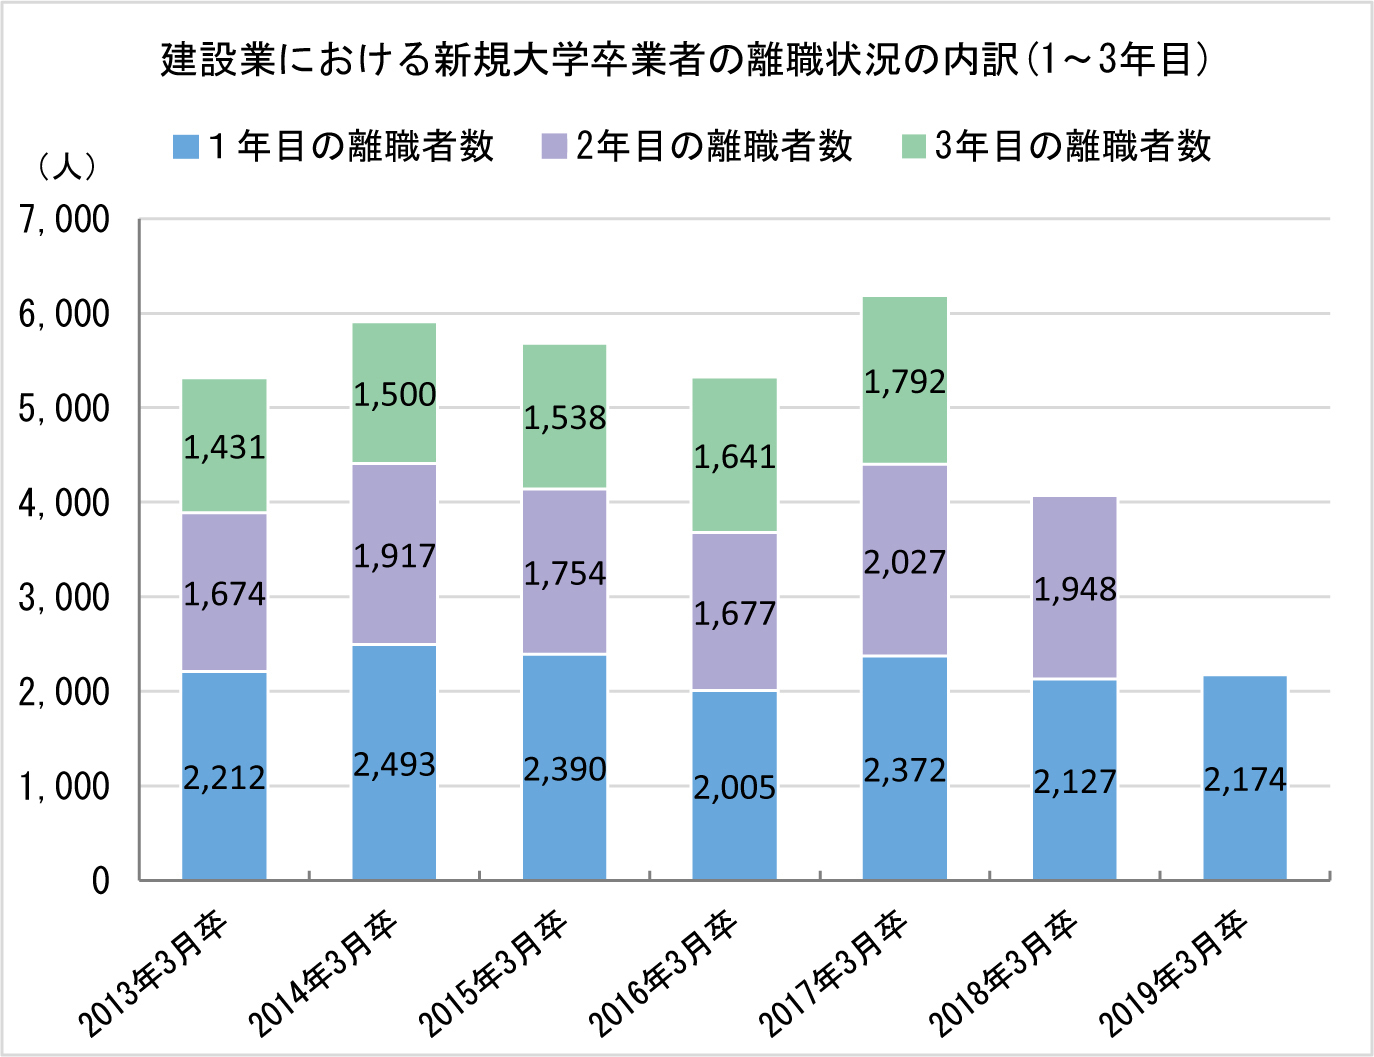 ①-2 建設業における新規大学卒業者の離職状況の内訳(1・3年目)